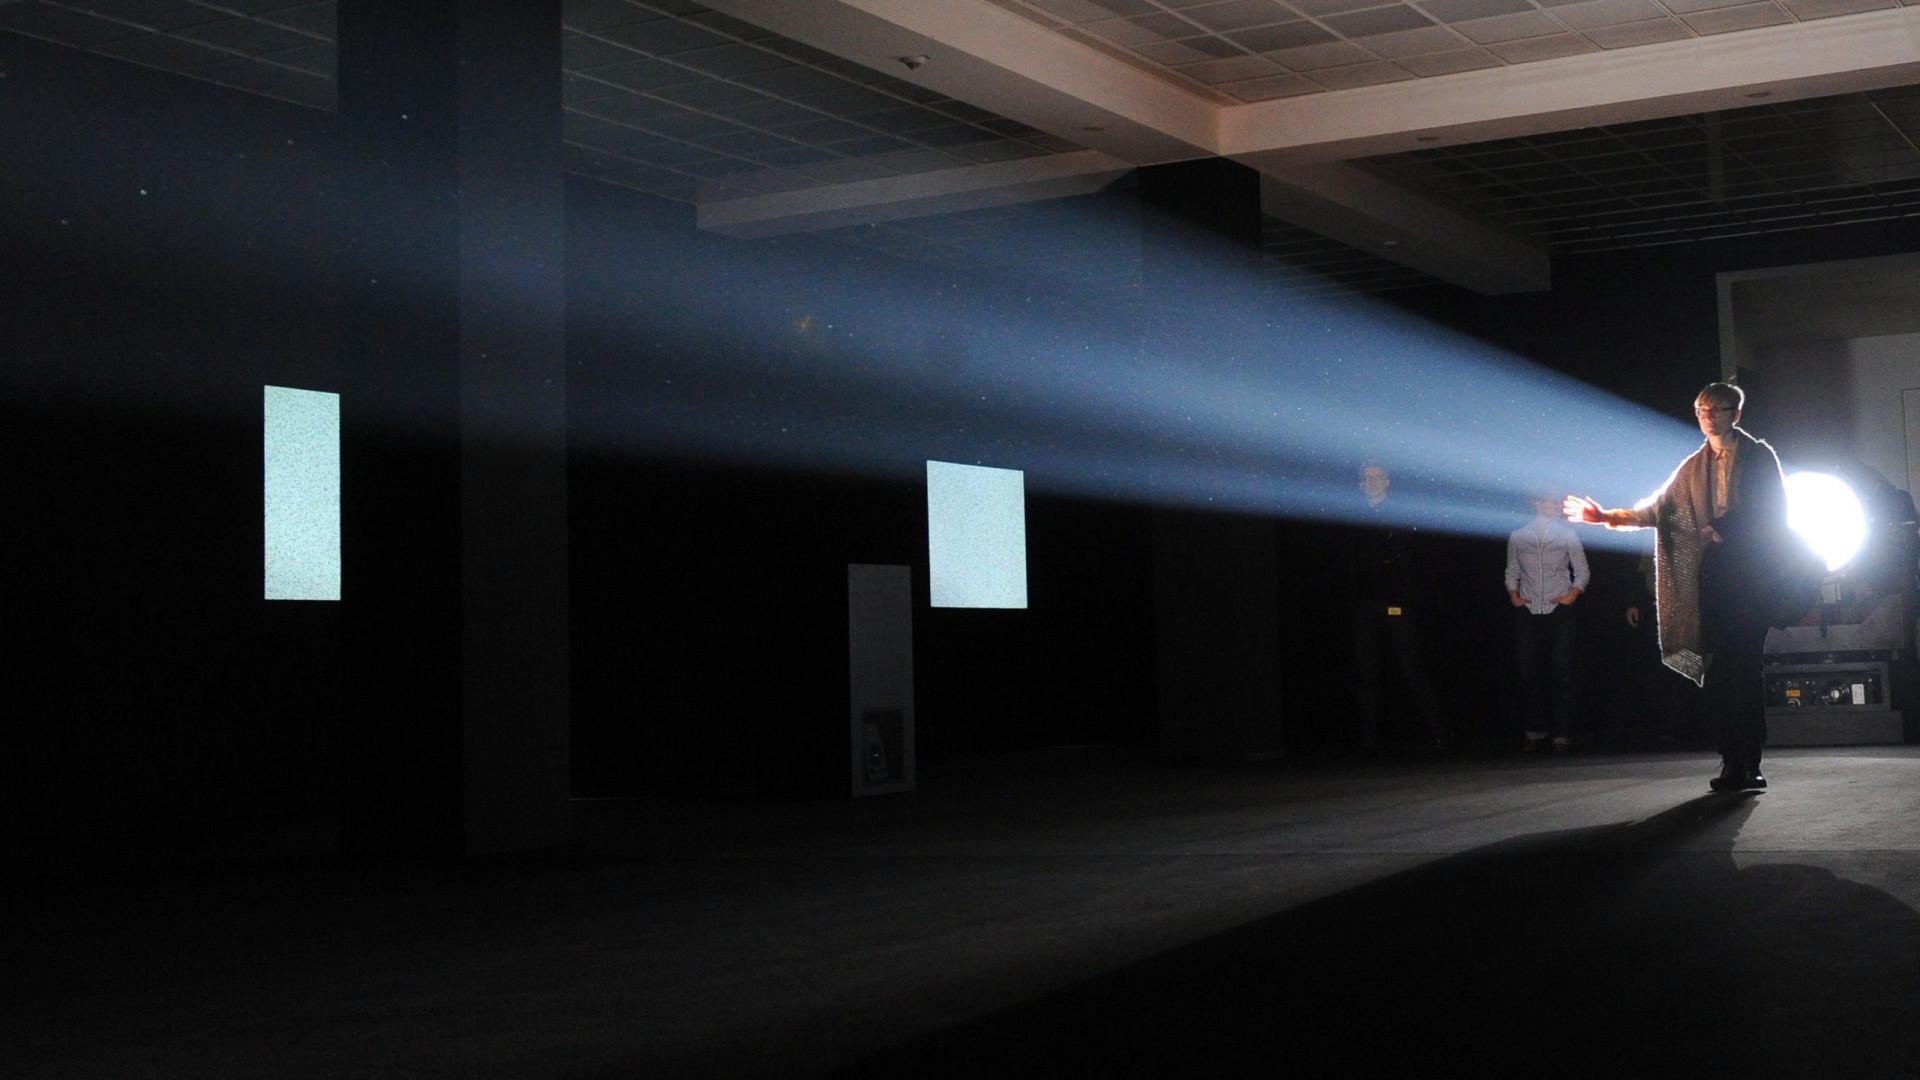 Abriram hoje concursos de apoio financeiro ao cinema e audiovisual